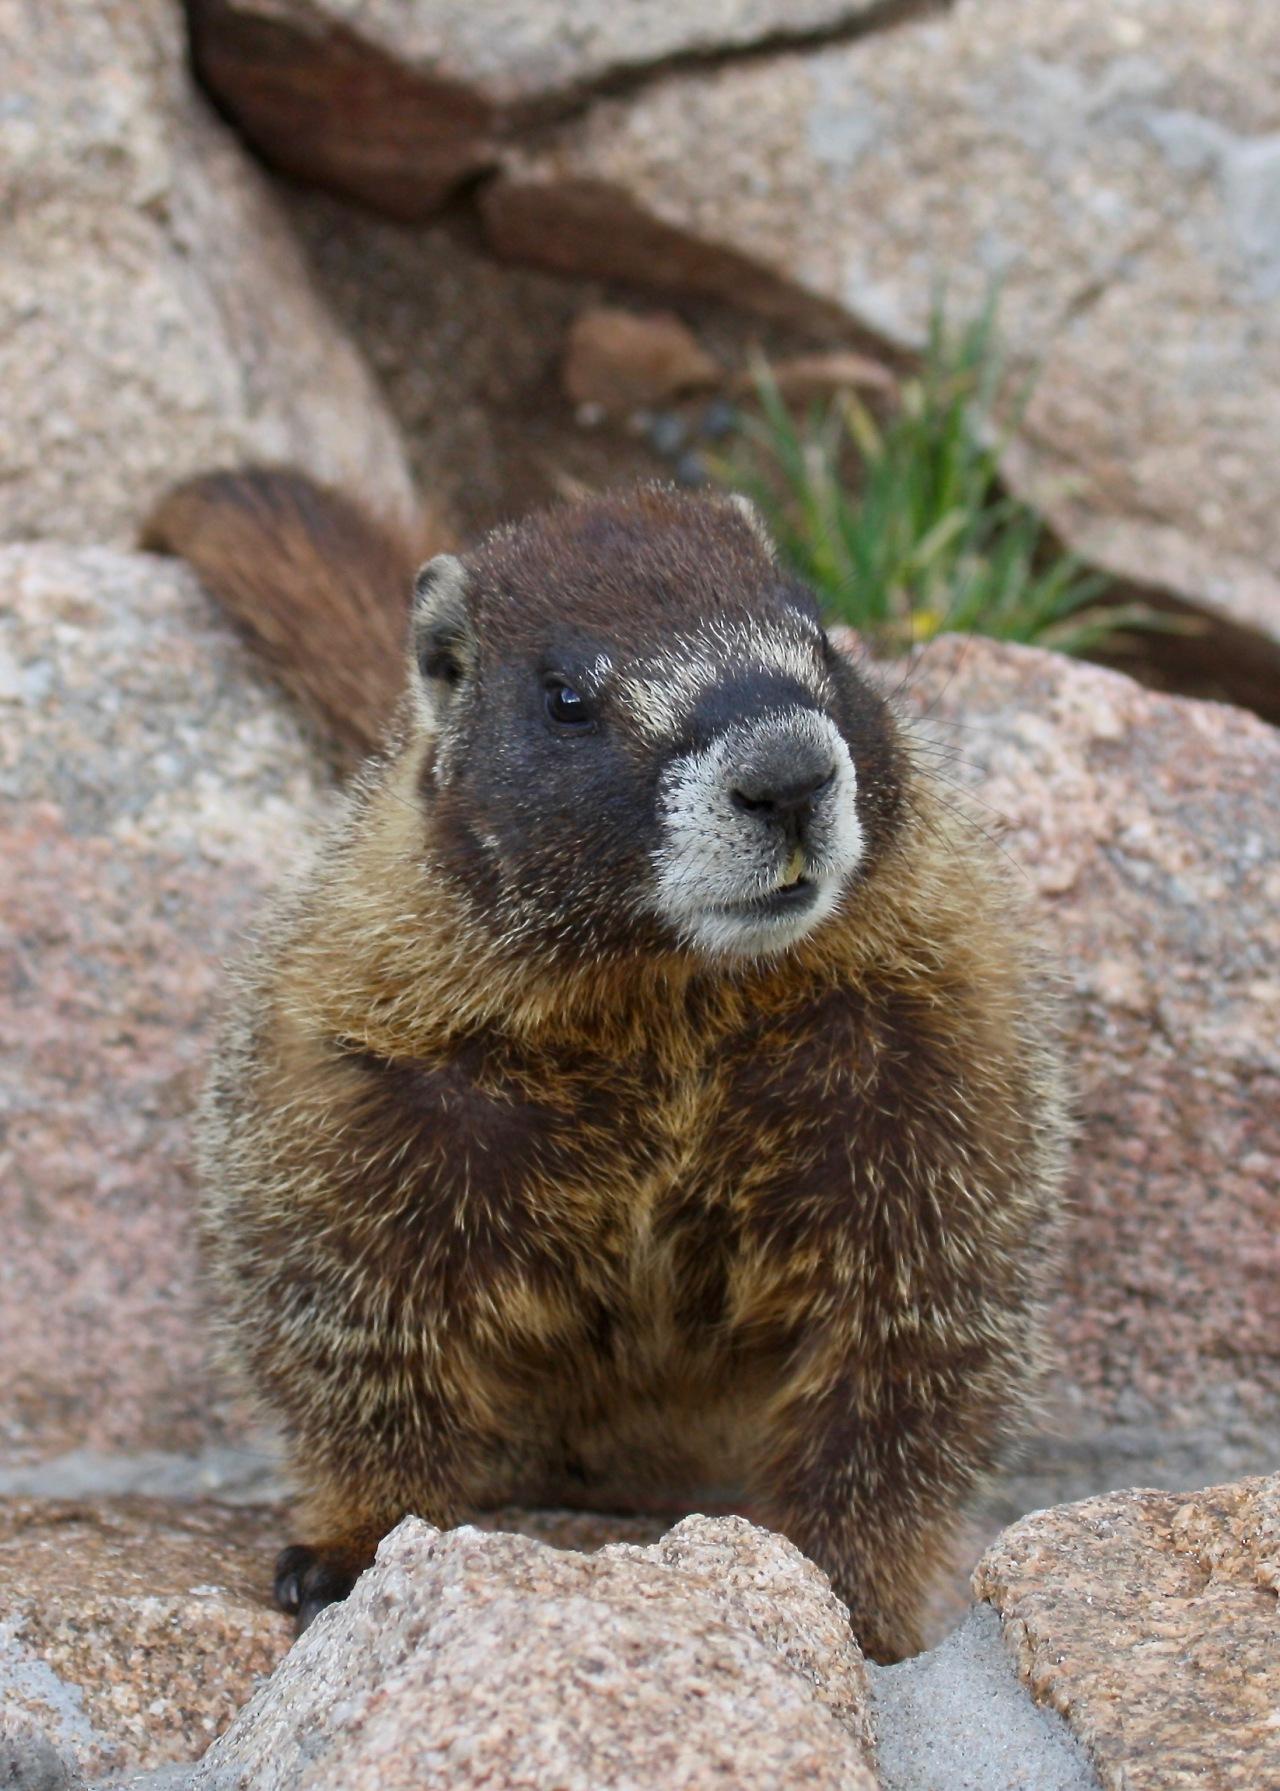 Curious Marmot (Marmota flaviventris)